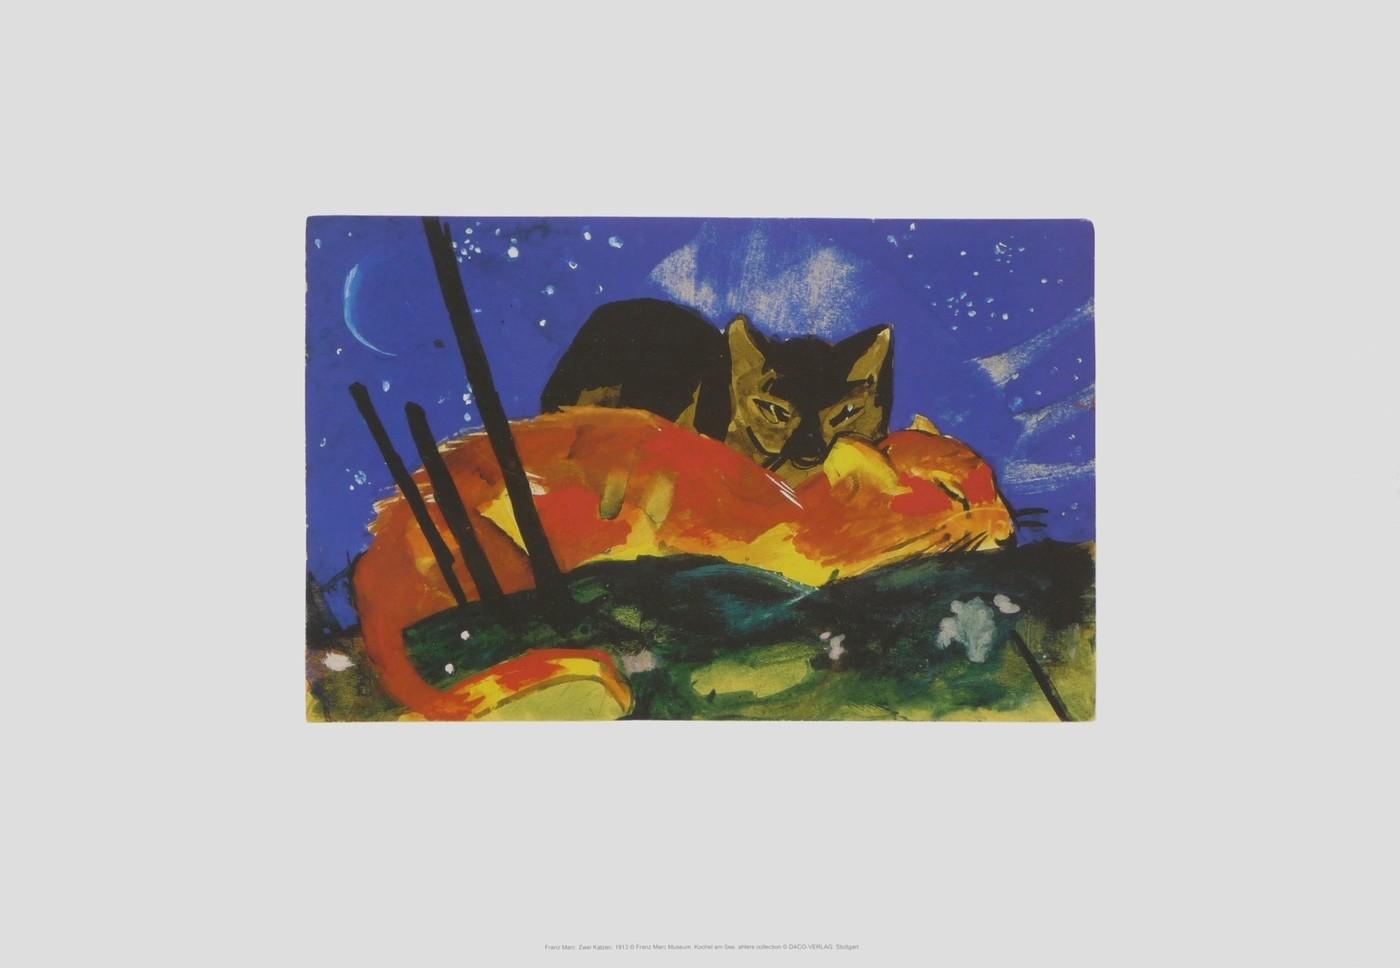 Franz Marc, Zwei Katzen, 1913 (Malerei, Expressionismus, Katzen,  schlafende Katzen,Kuscheln,Nachtszene,  klassische Moderne, Wohnzimmer, Schlafzimmer, Arztpraxis Treppenhaus, bunt)